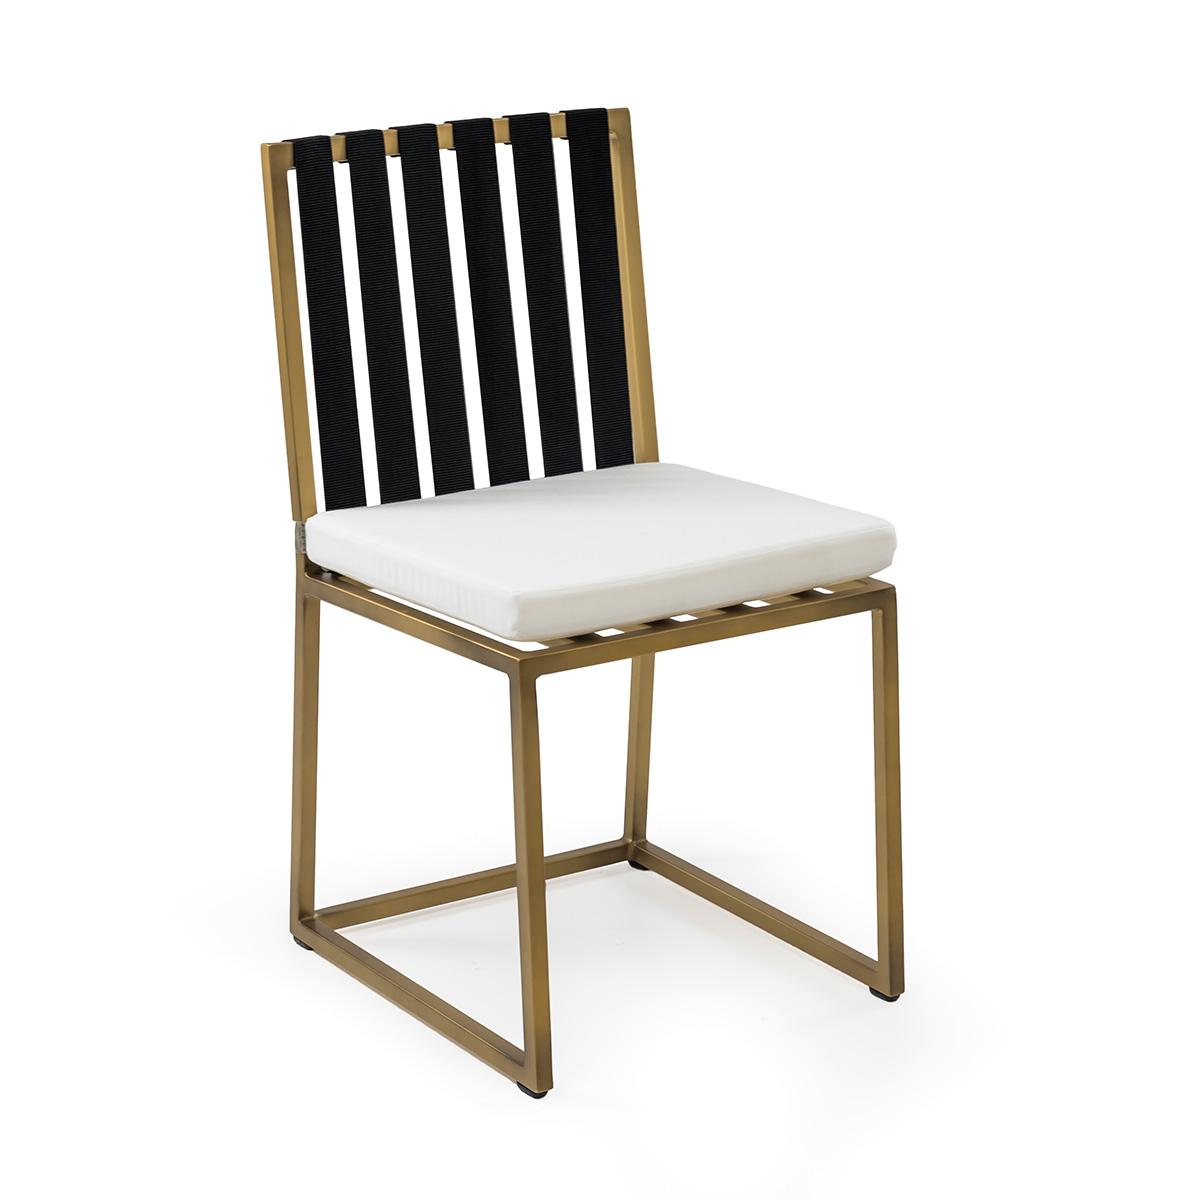 Dining chair Chairs Braid